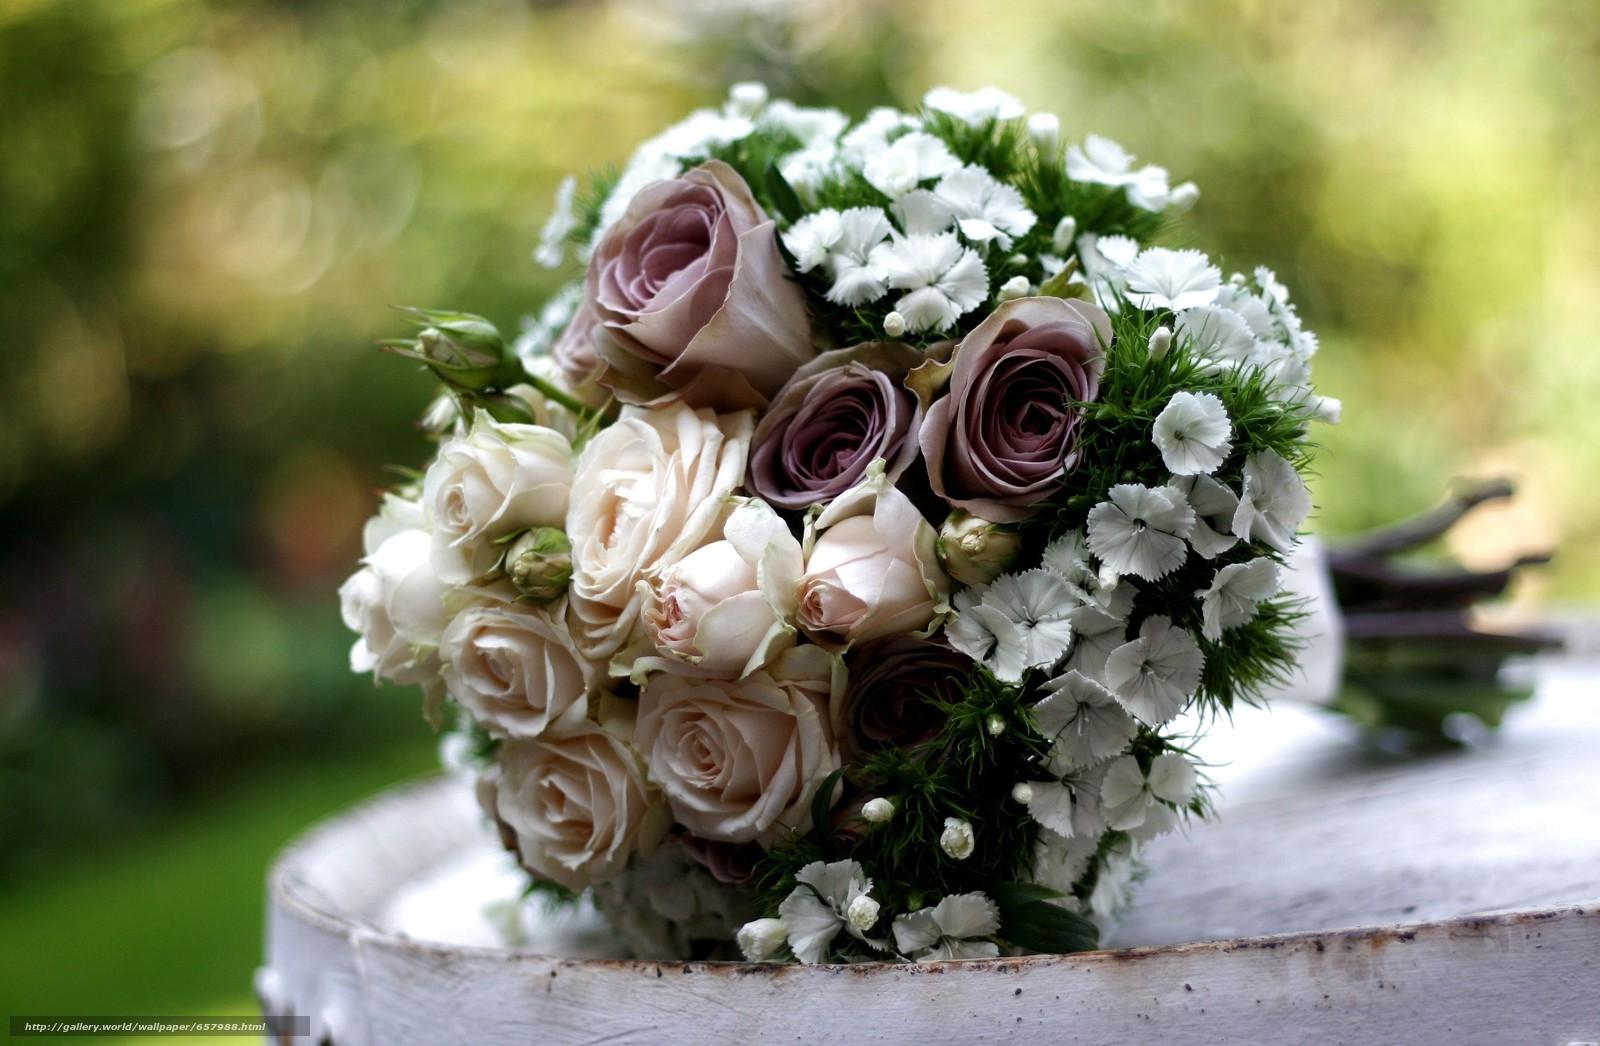 Скачать обои цветы,  роза,  розы,  композиция бесплатно для рабочего стола в разрешении 2800x1831 — картинка №657988